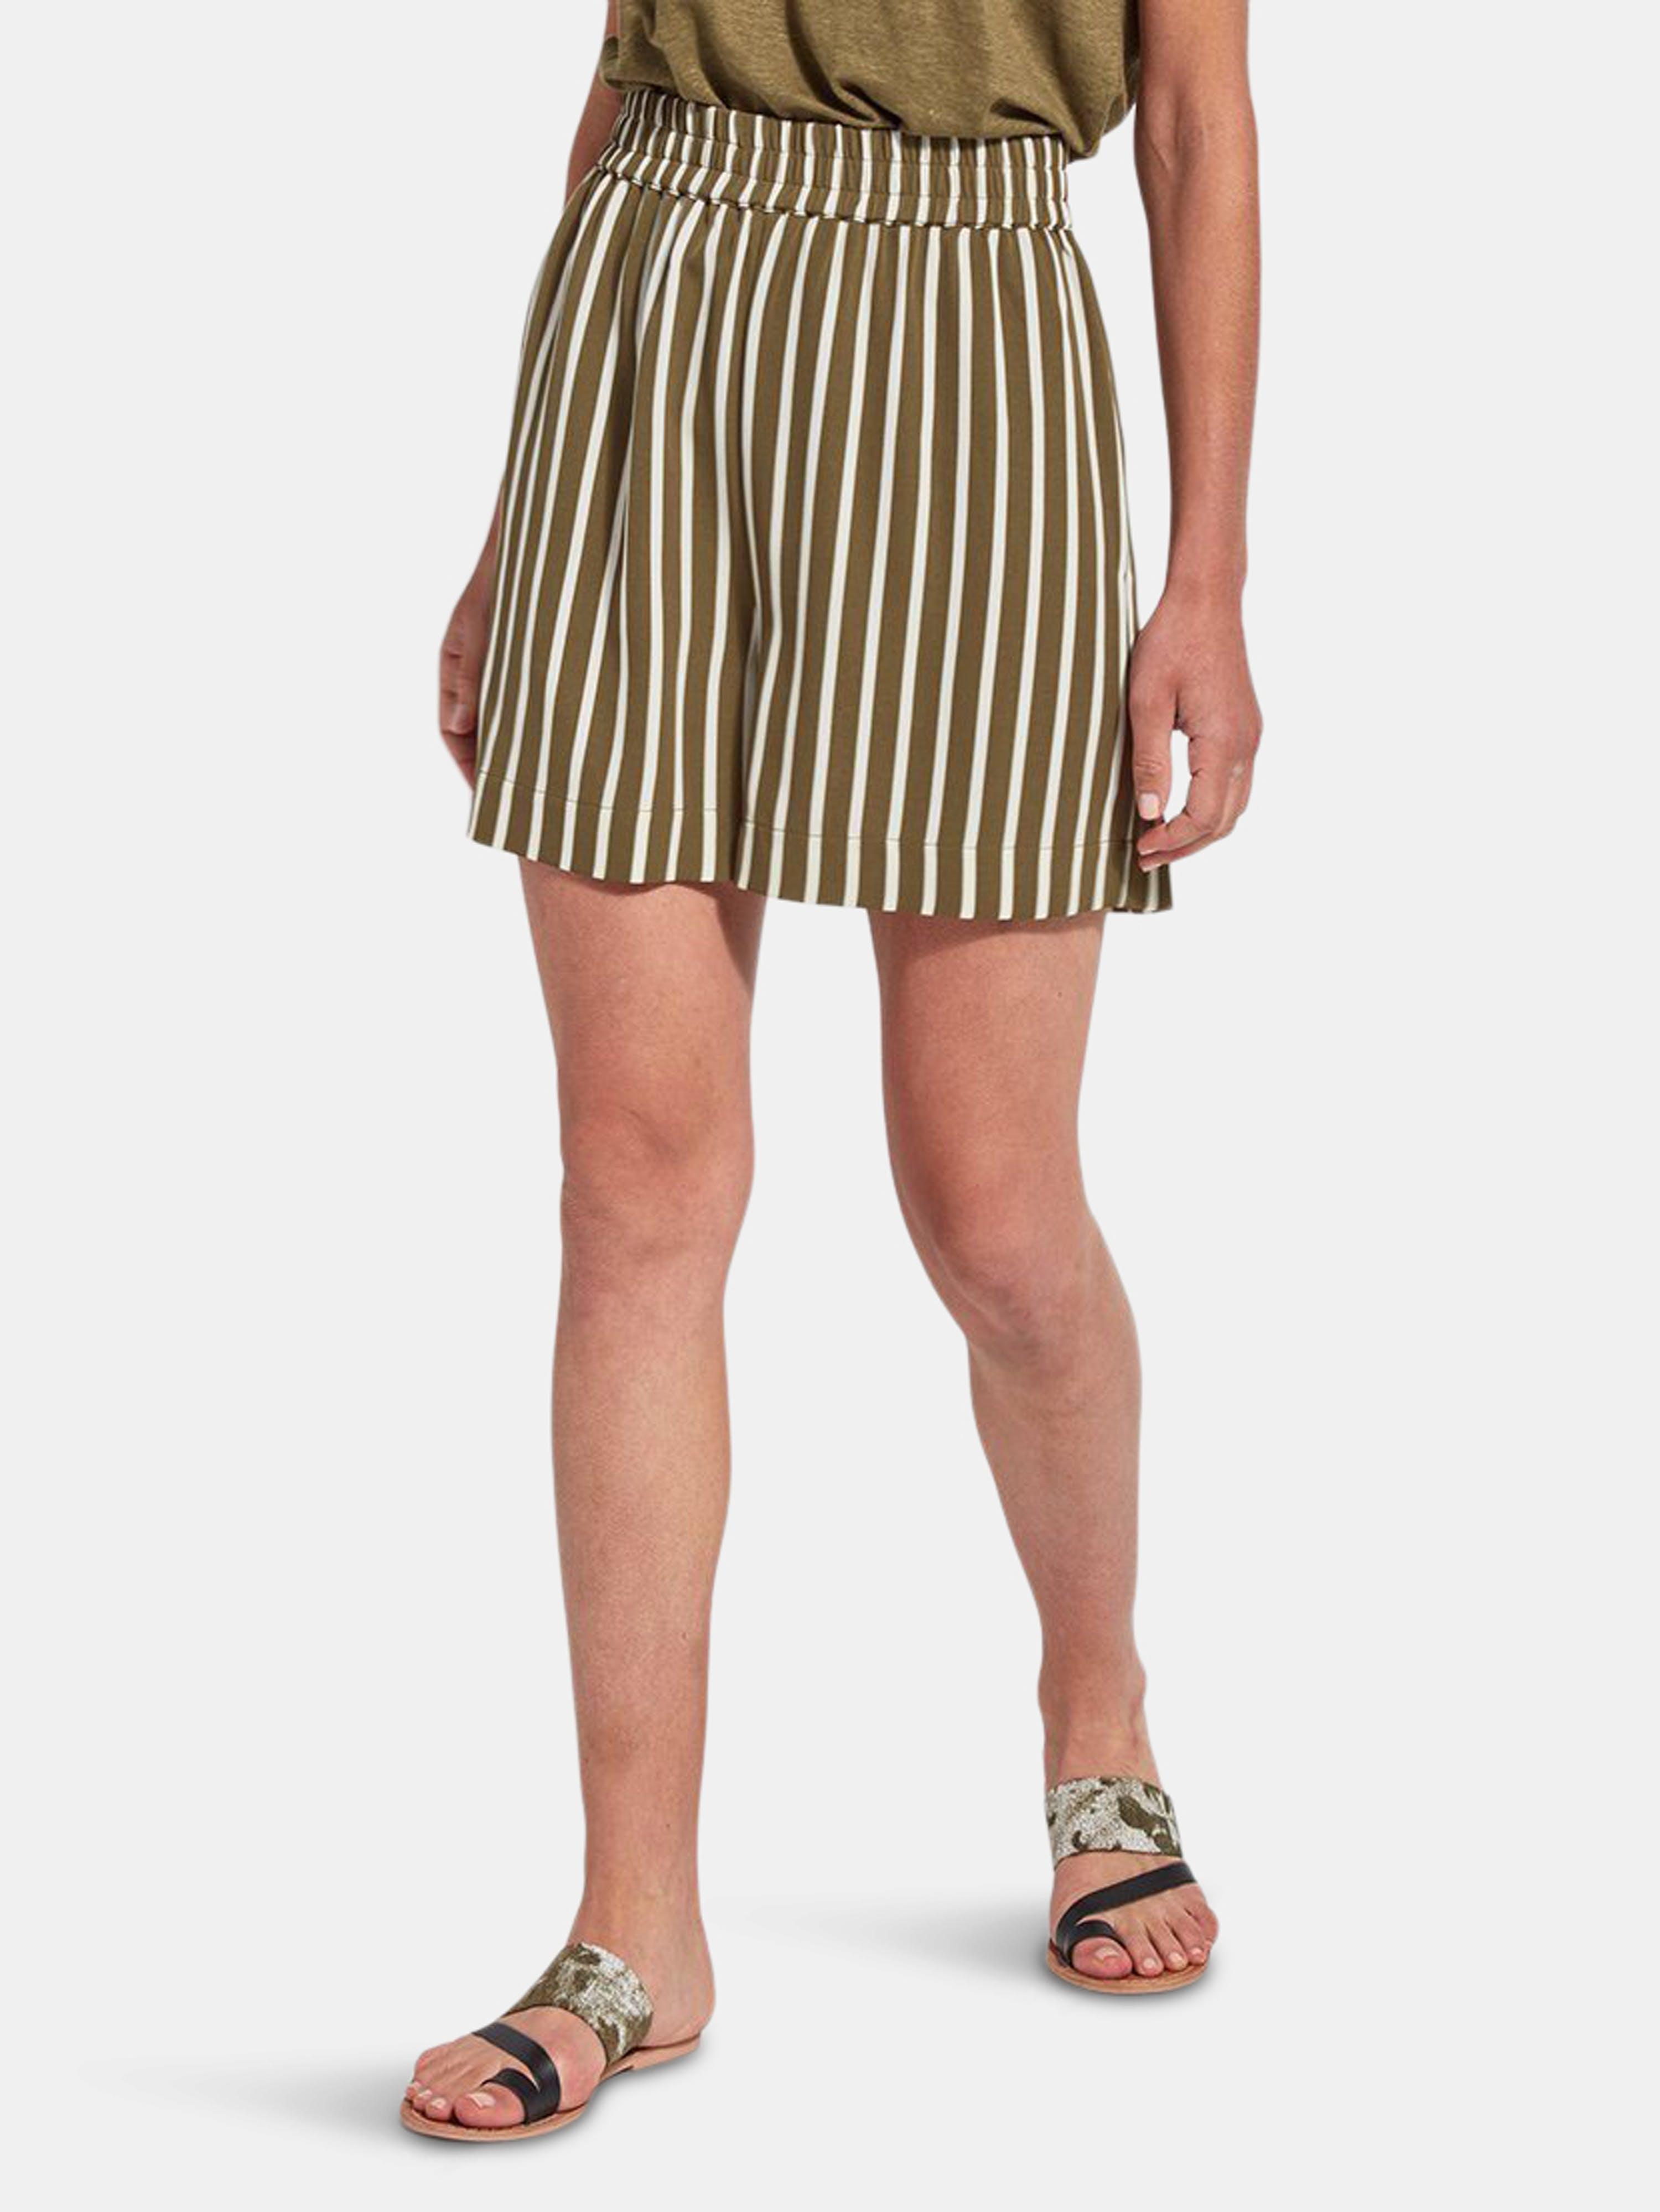 Lyssé Shorts LYSSE MILEY SHORT